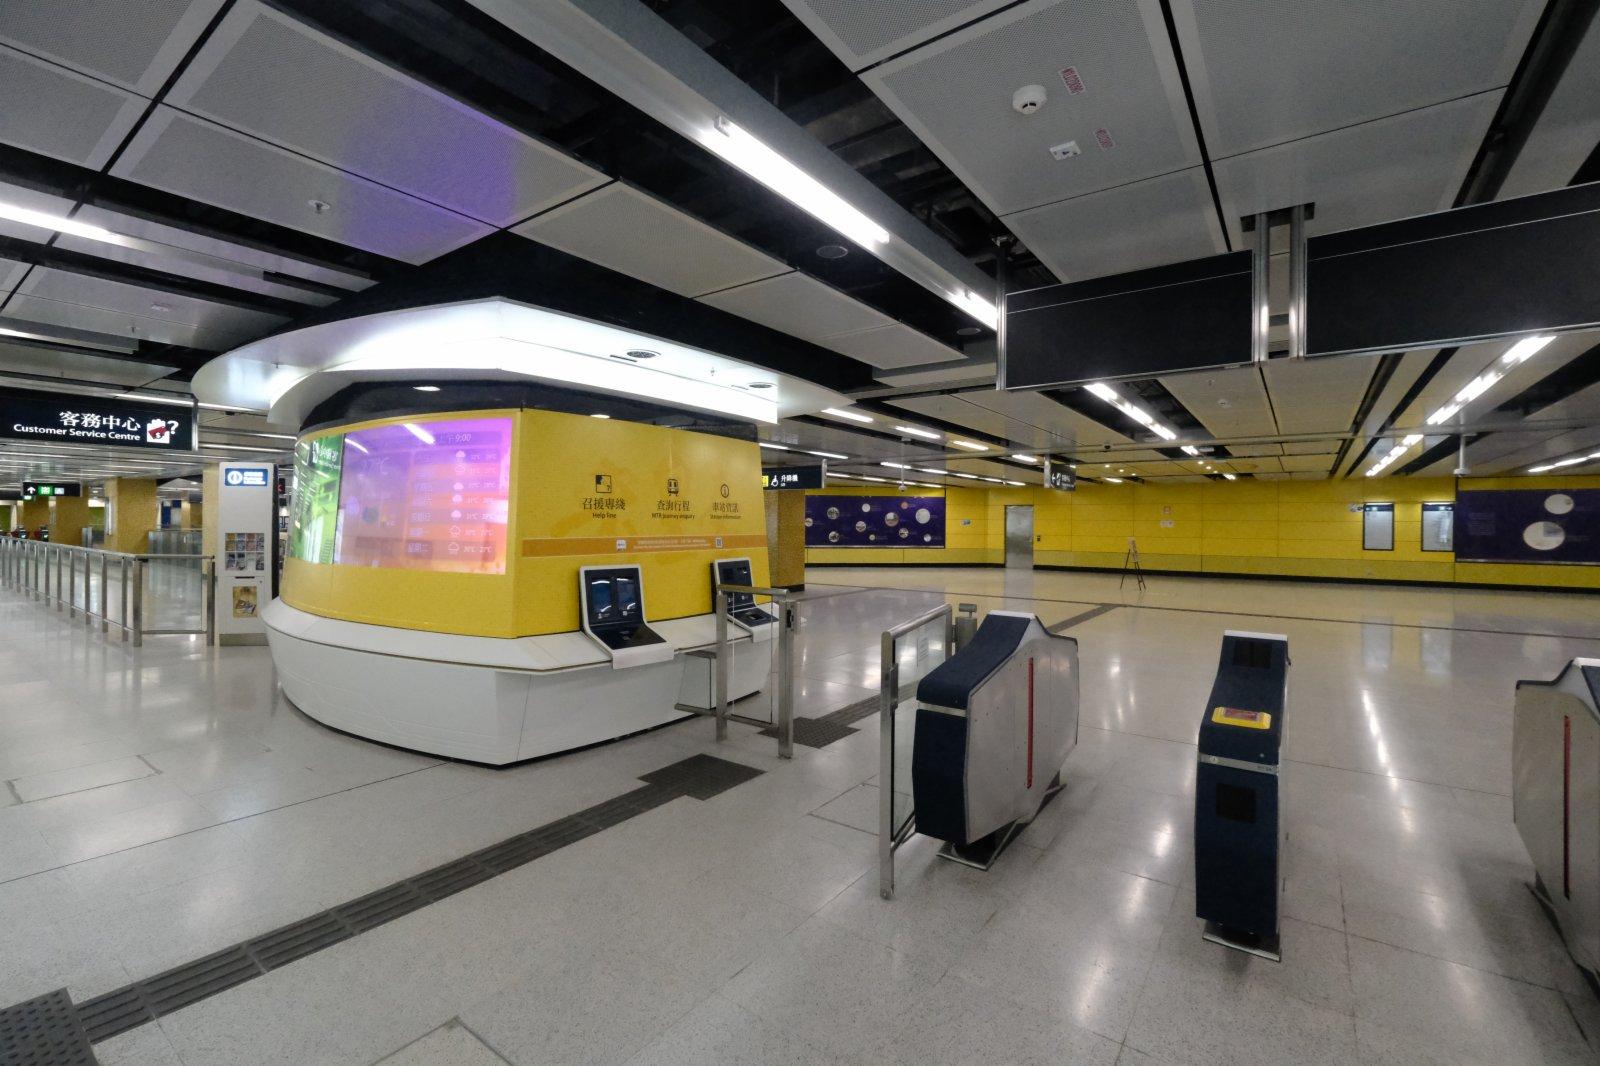 宋皇臺站在建造期間發現大量文物,車站設計揉合考古元素。(香港文匯報陳大文攝)